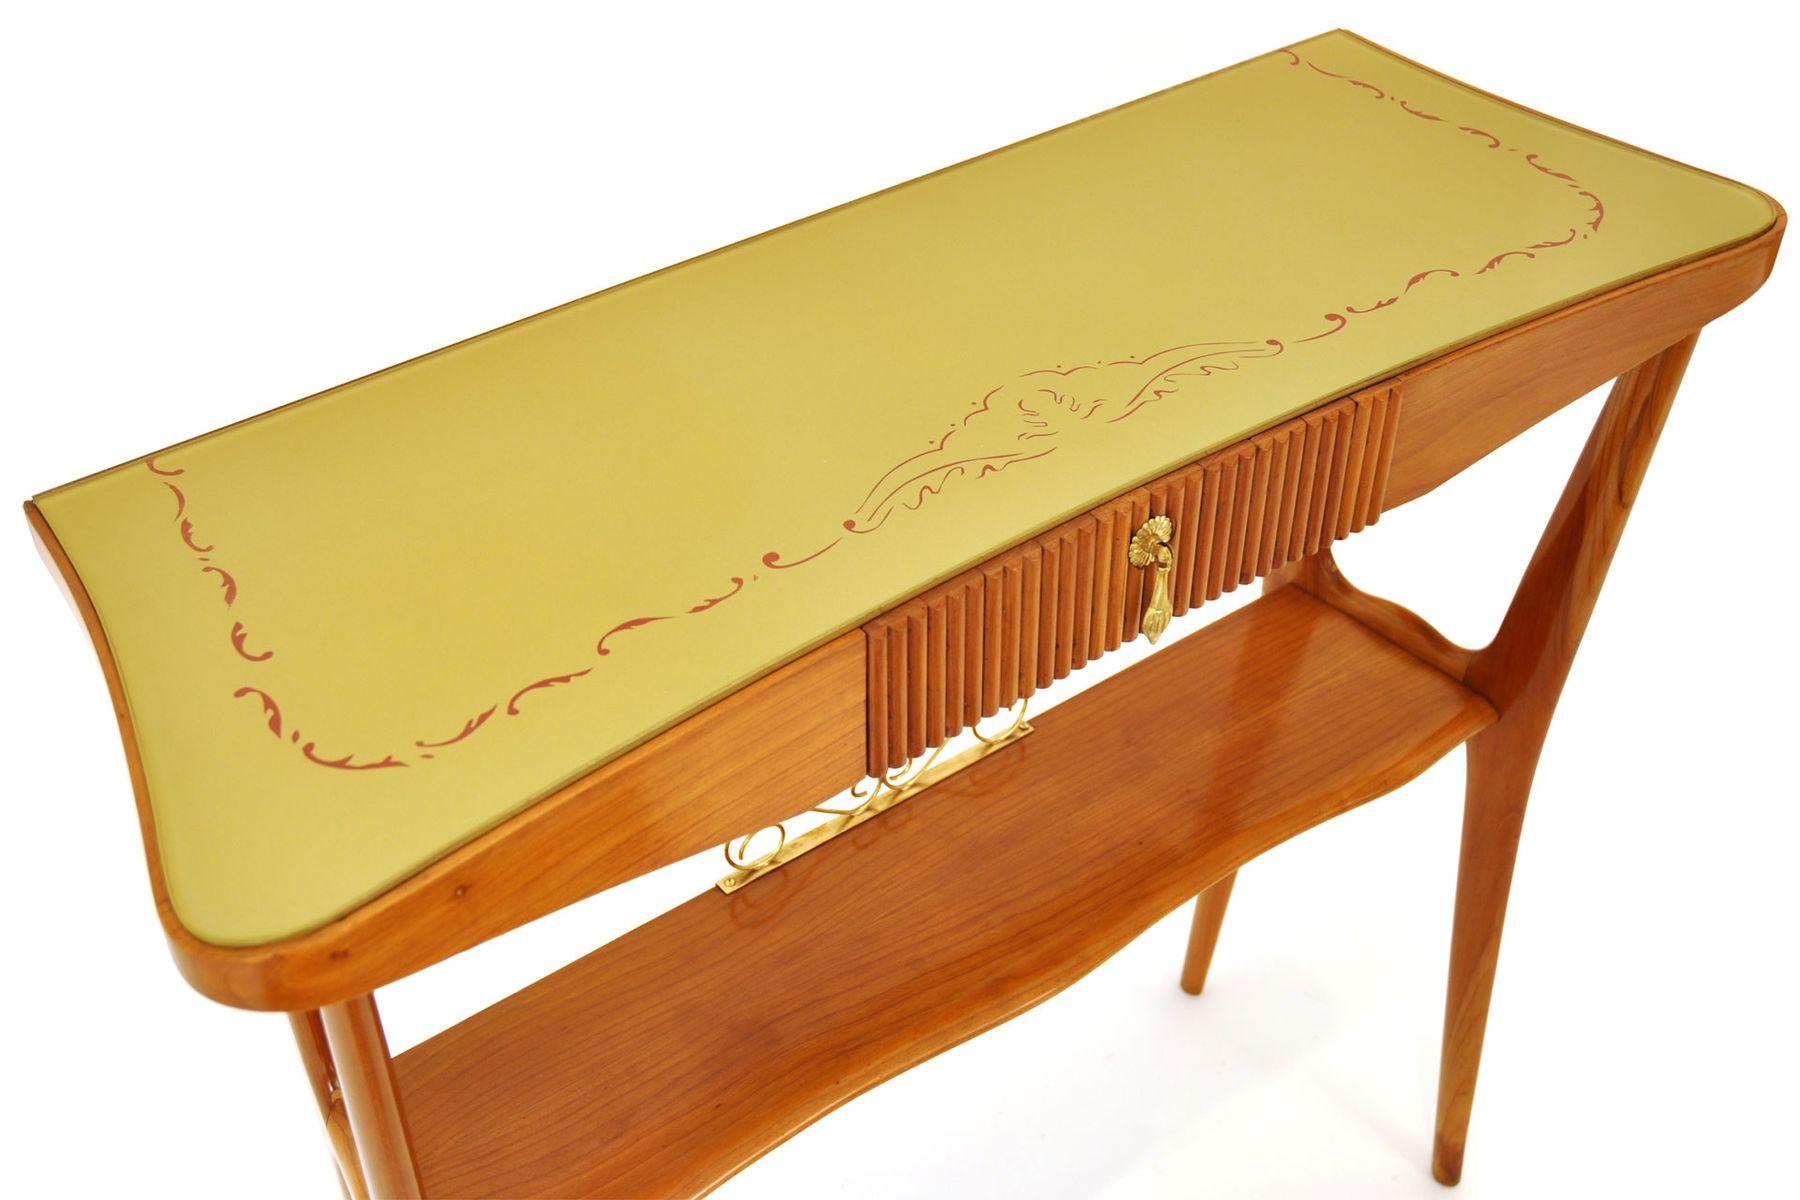 italienischer konsolentisch aus holz glas 1950er bei pamono kaufen. Black Bedroom Furniture Sets. Home Design Ideas